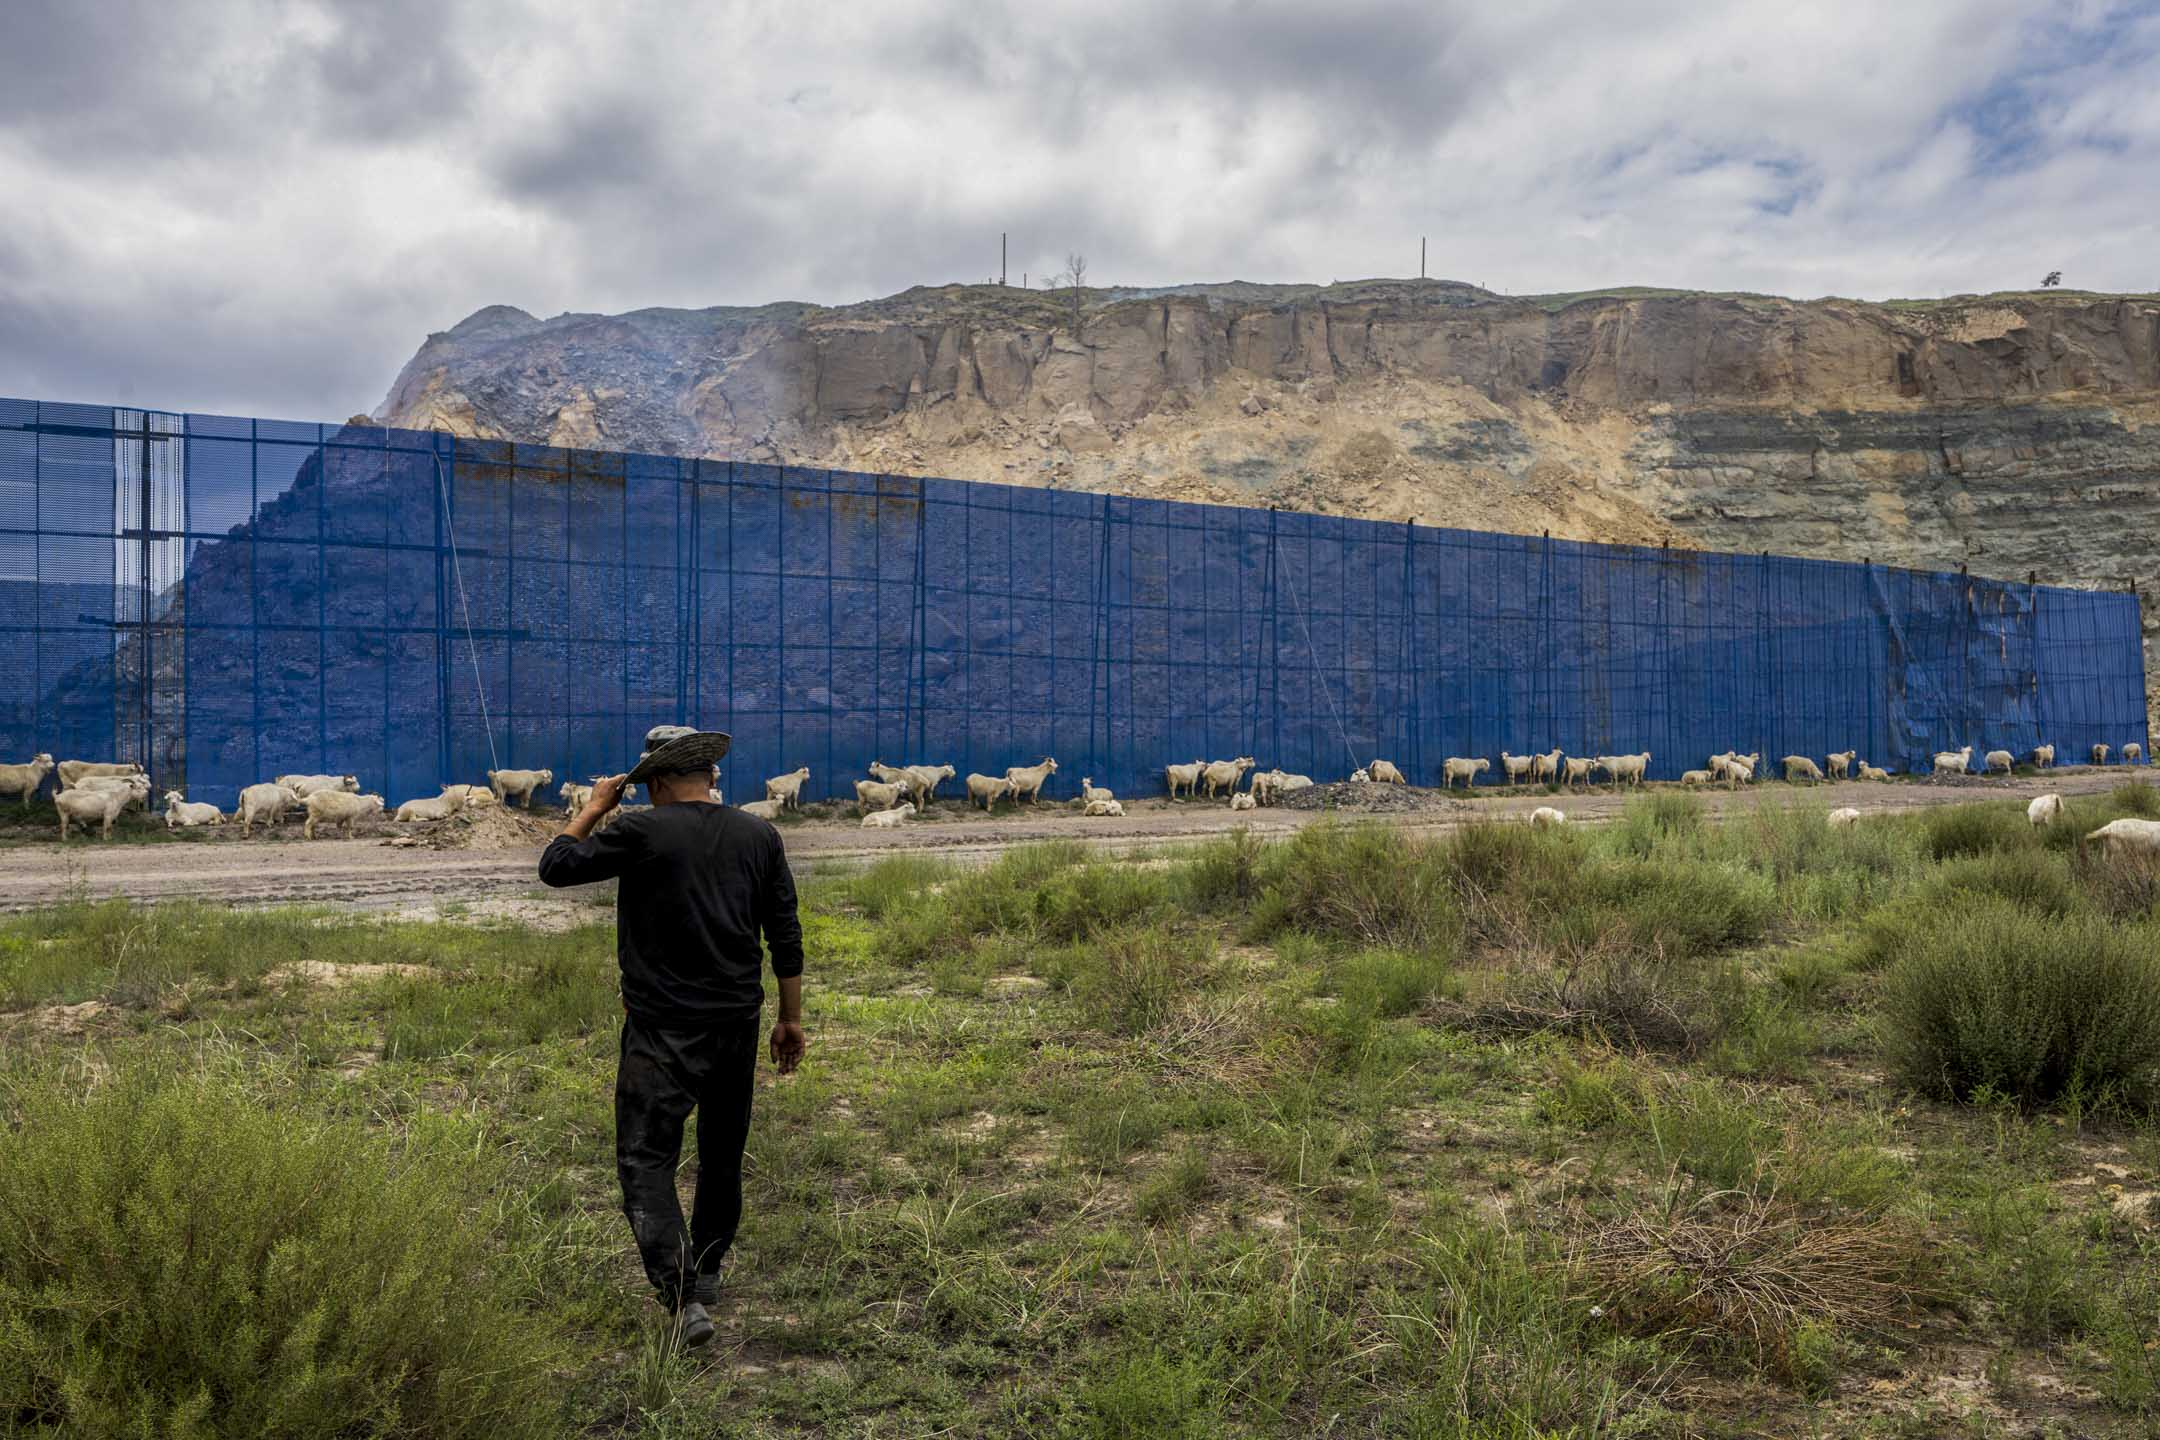 大柳塔煤礦附近的牧民。